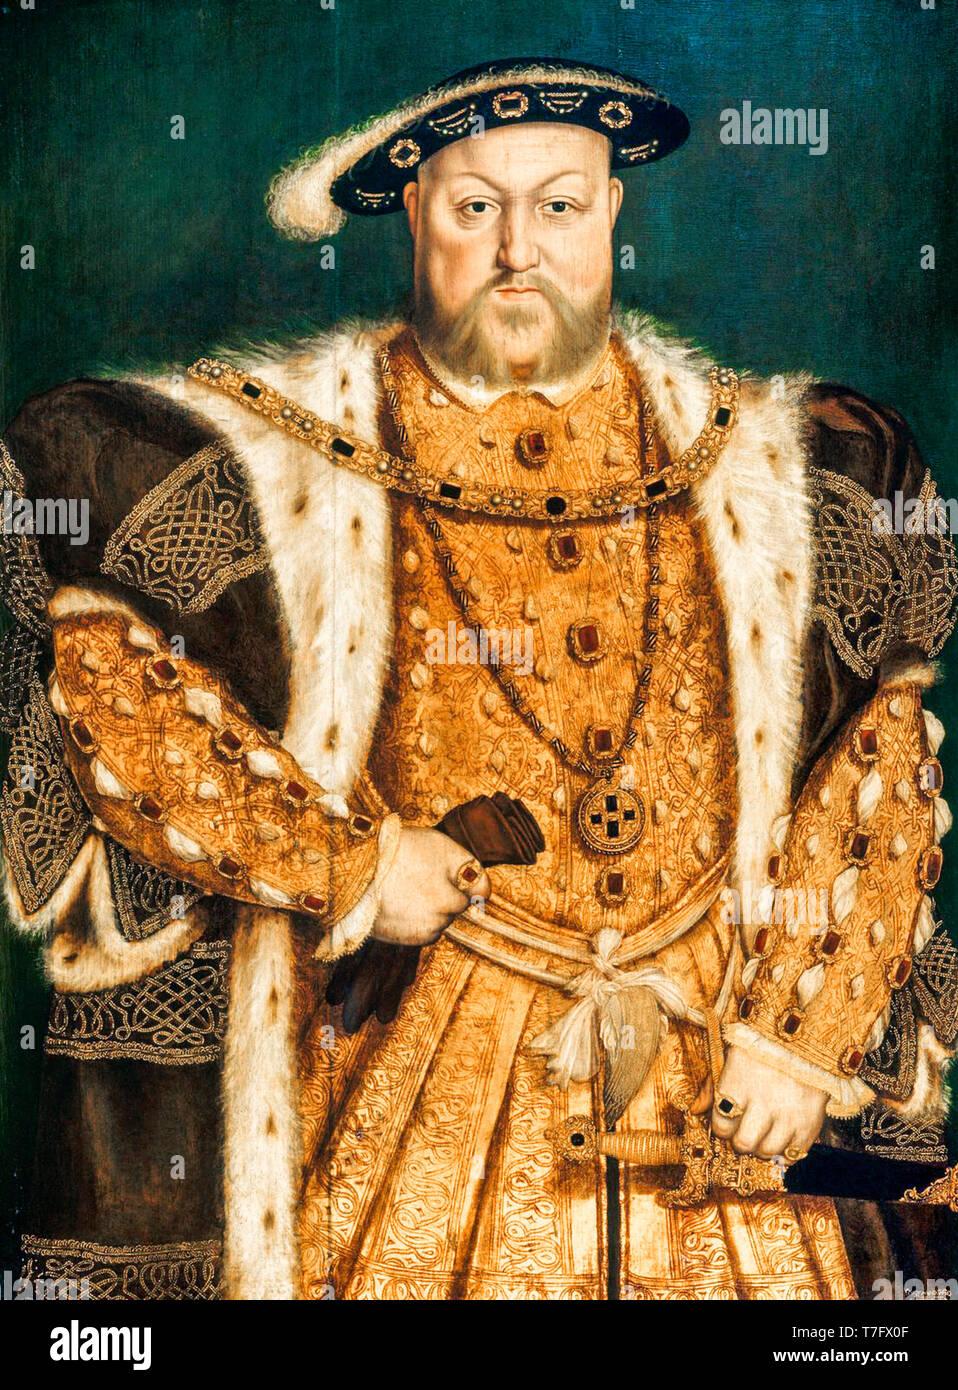 Retrato de Enrique VIII (1491-1547), pintura después de Hans Holbein, c. 1538 Foto de stock